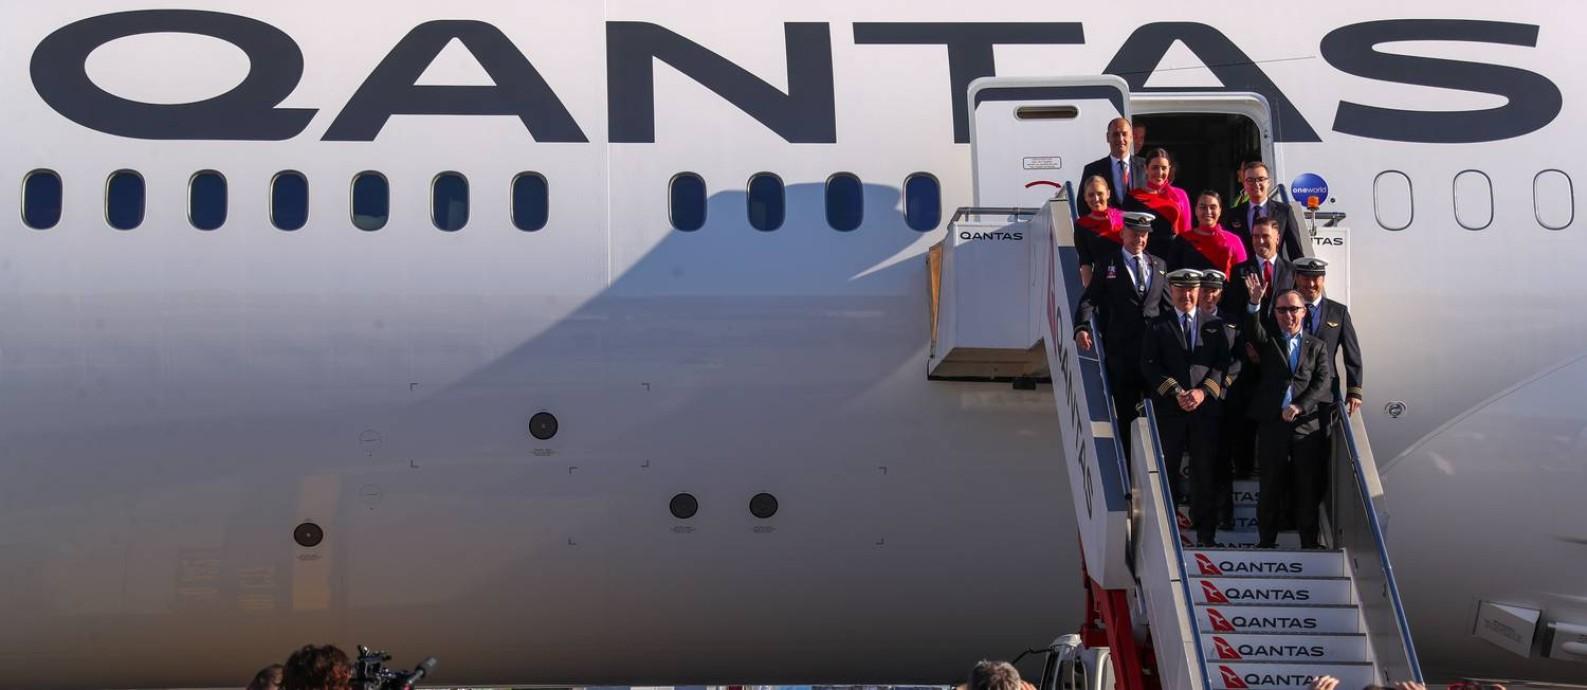 Quatro pilotos comandaram a aeronave em sistema de turnos Foto: DAVID GRAY / AFP